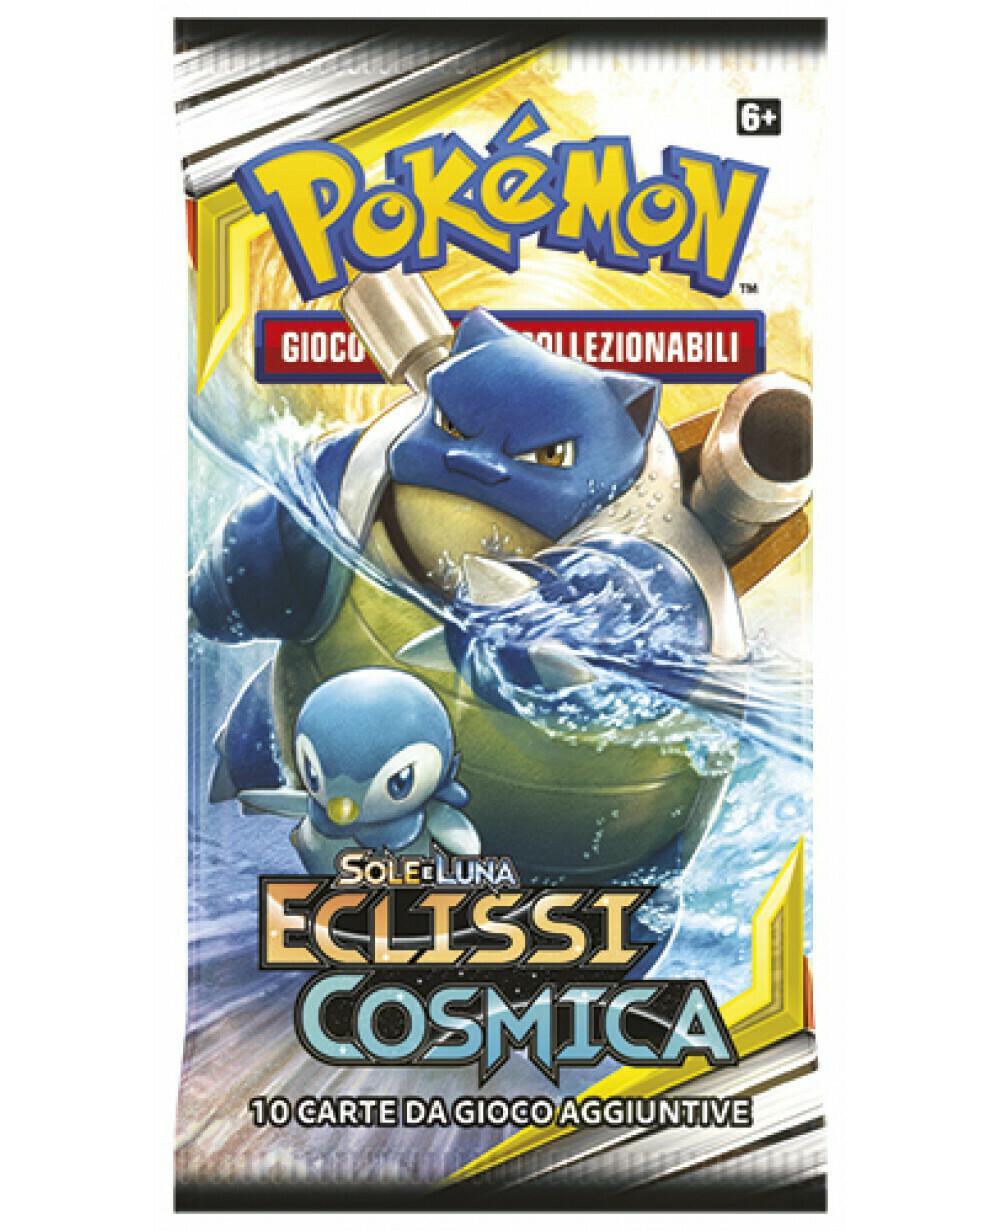 Sole e Luna, Eclissi Cosmica - Busta - Pokemon